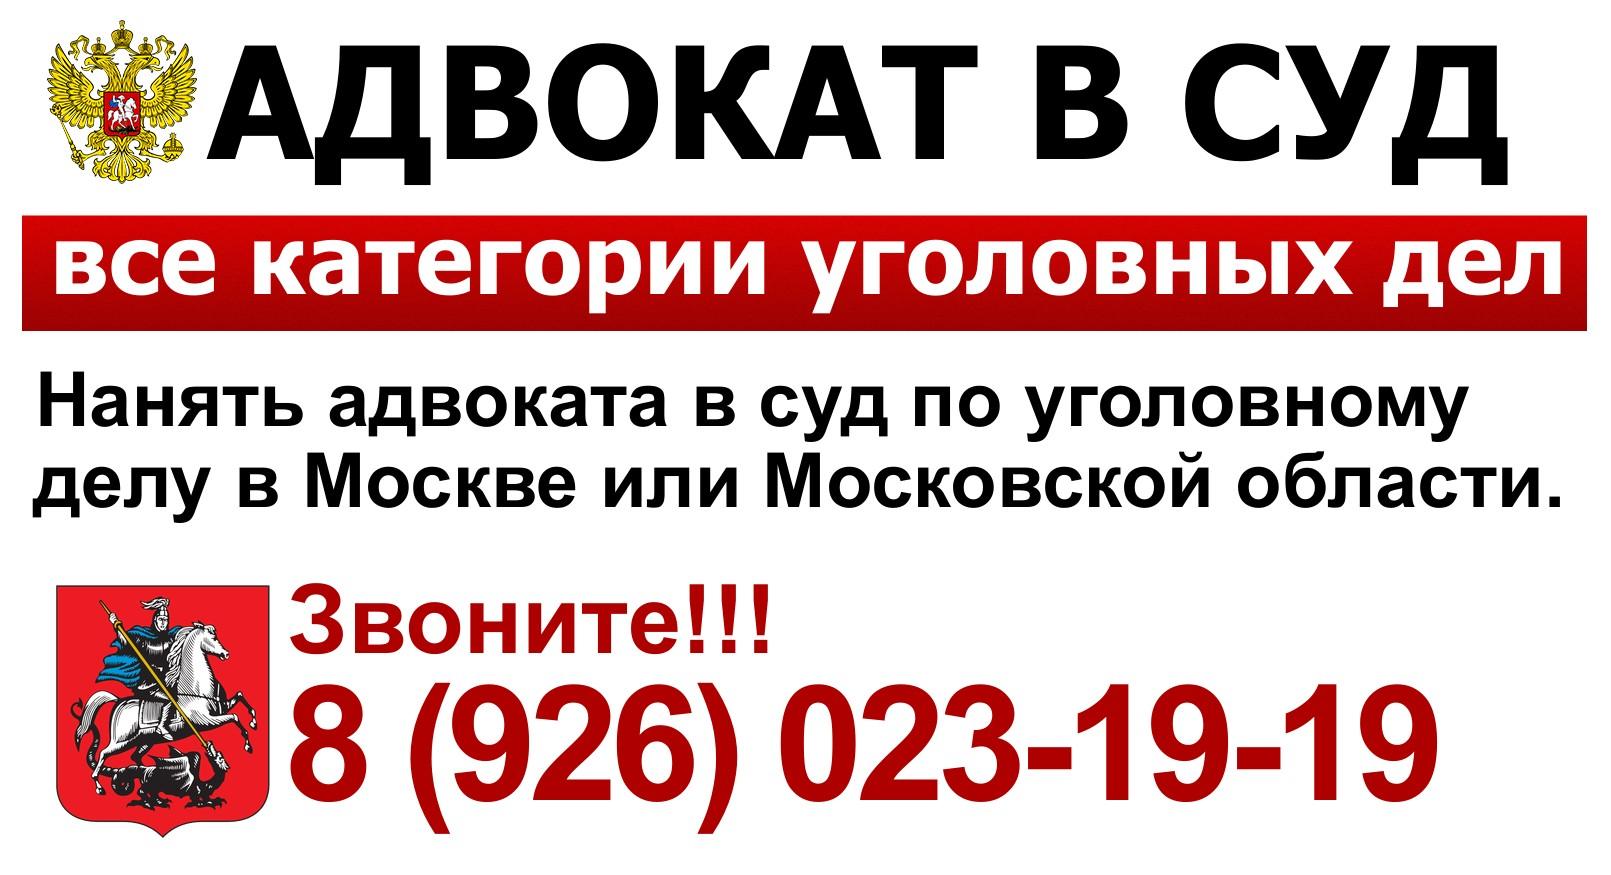 Адвокат в суд Москва. Адвокат в суд цена